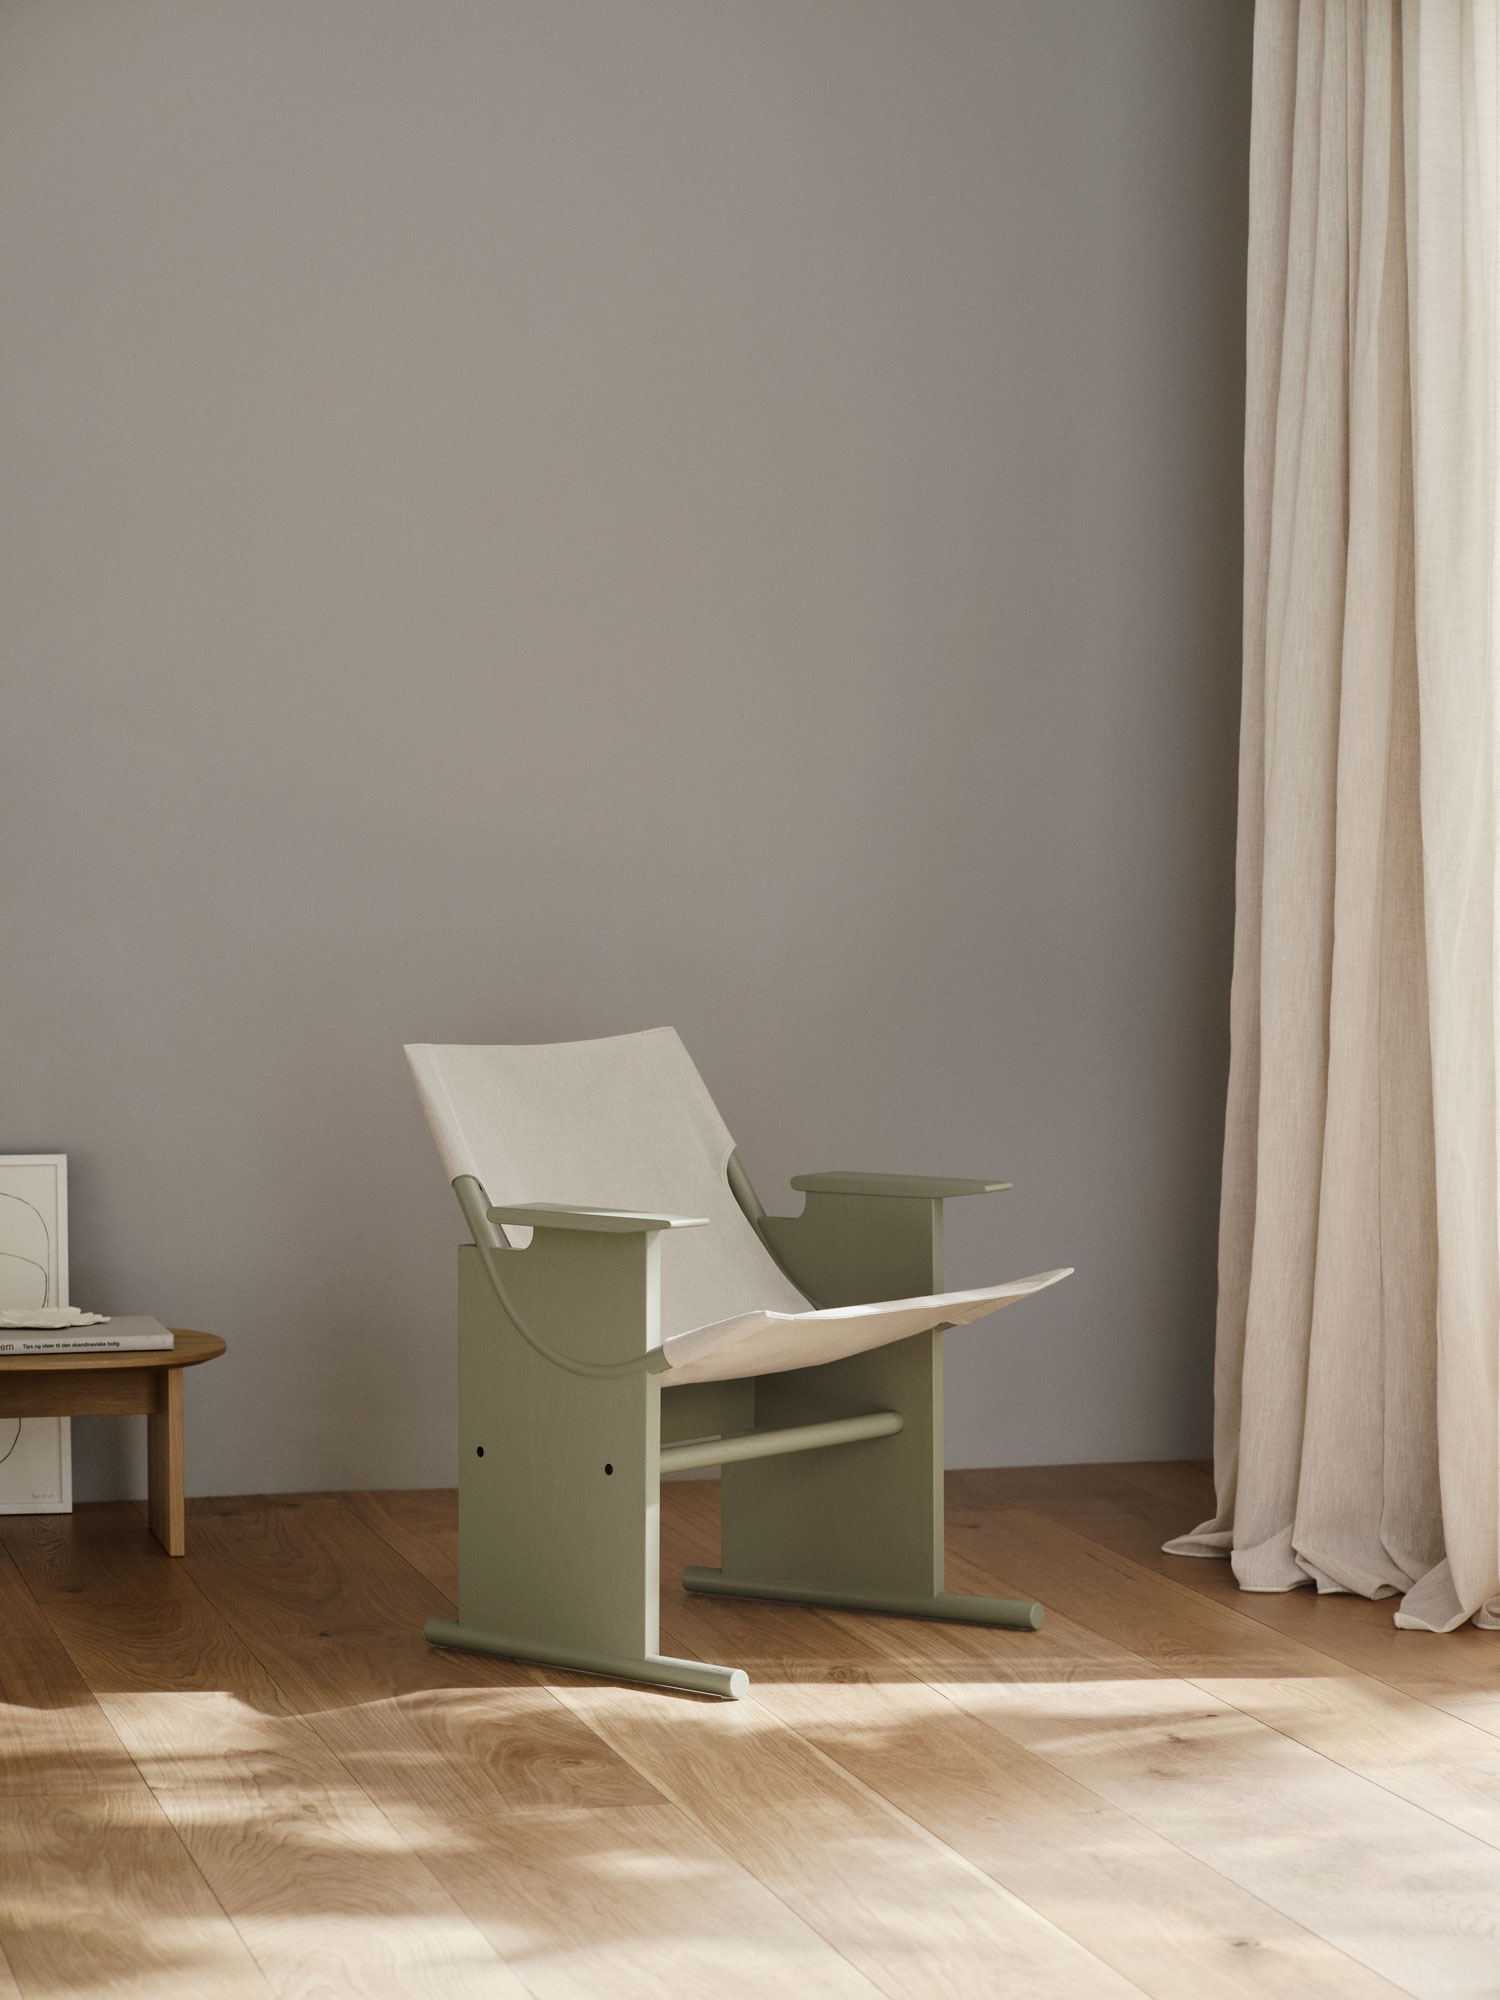 Nachhaltiger Sessel von Sam Hecht und Kim Colin für Takt